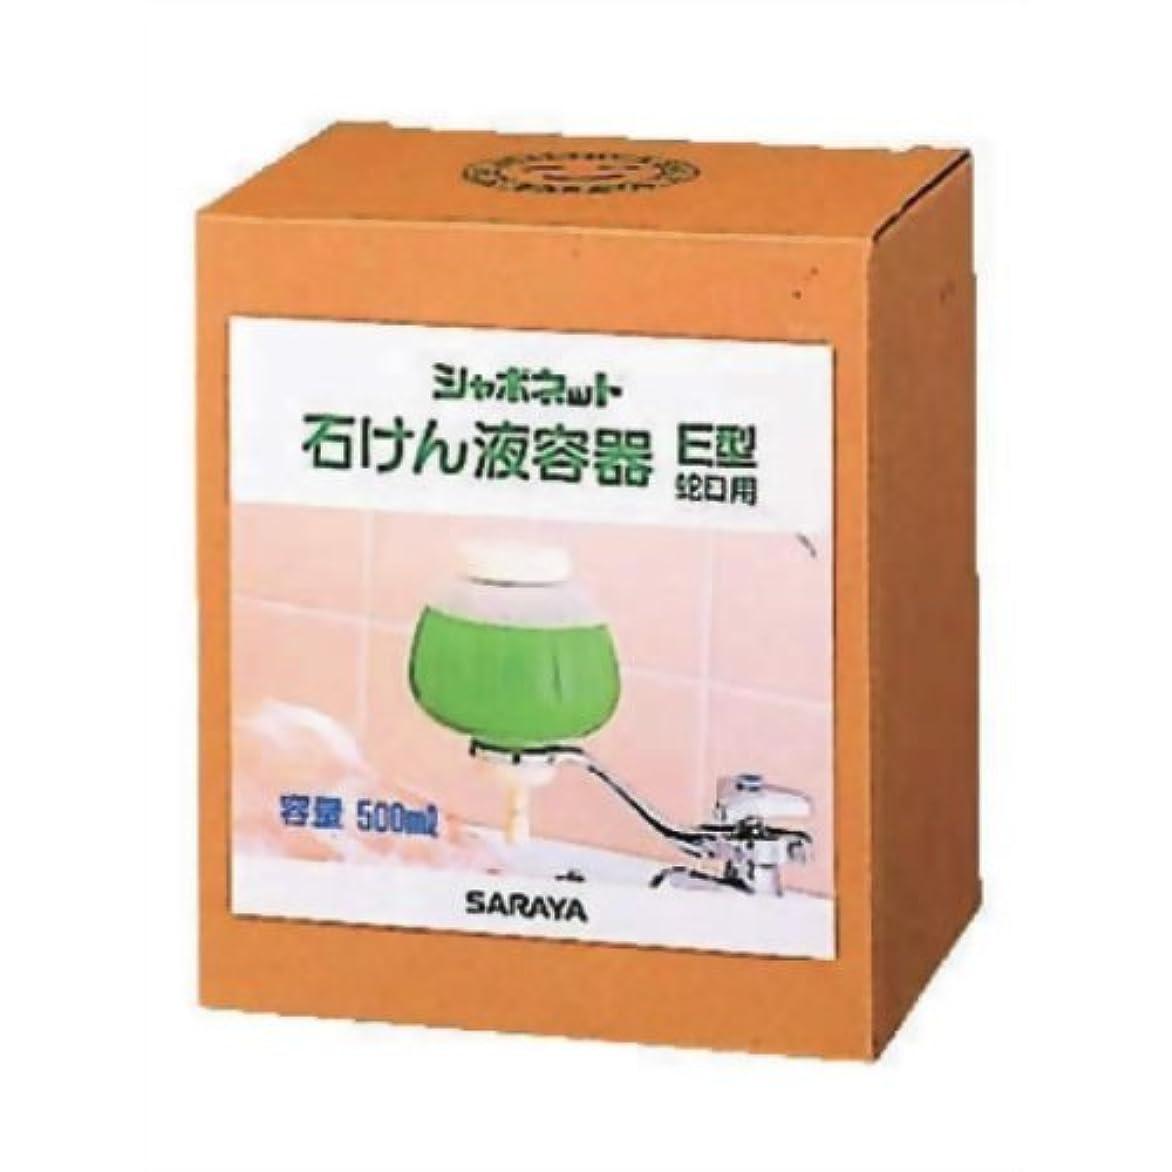 見落とす凝視レコーダーシャボネット石鹸液容器 500mLE型蛇口用 21450/63828559 サラヤ